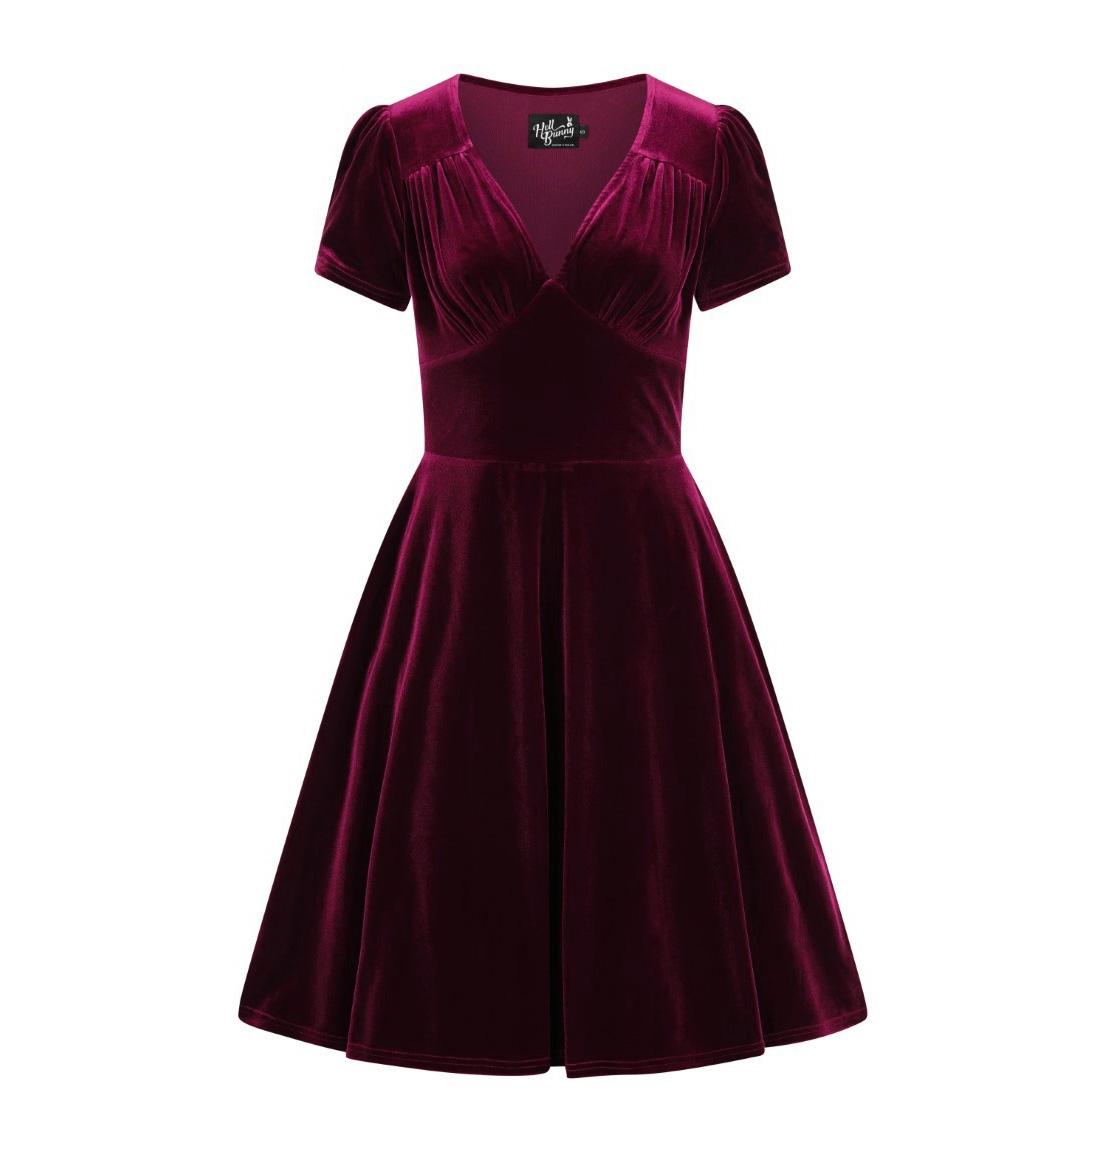 Hell-Bunny-40s-50s-Elegant-Pin-Up-Dress-JOANNE-Crushed-Velvet-Burgundy-All-Sizes thumbnail 23